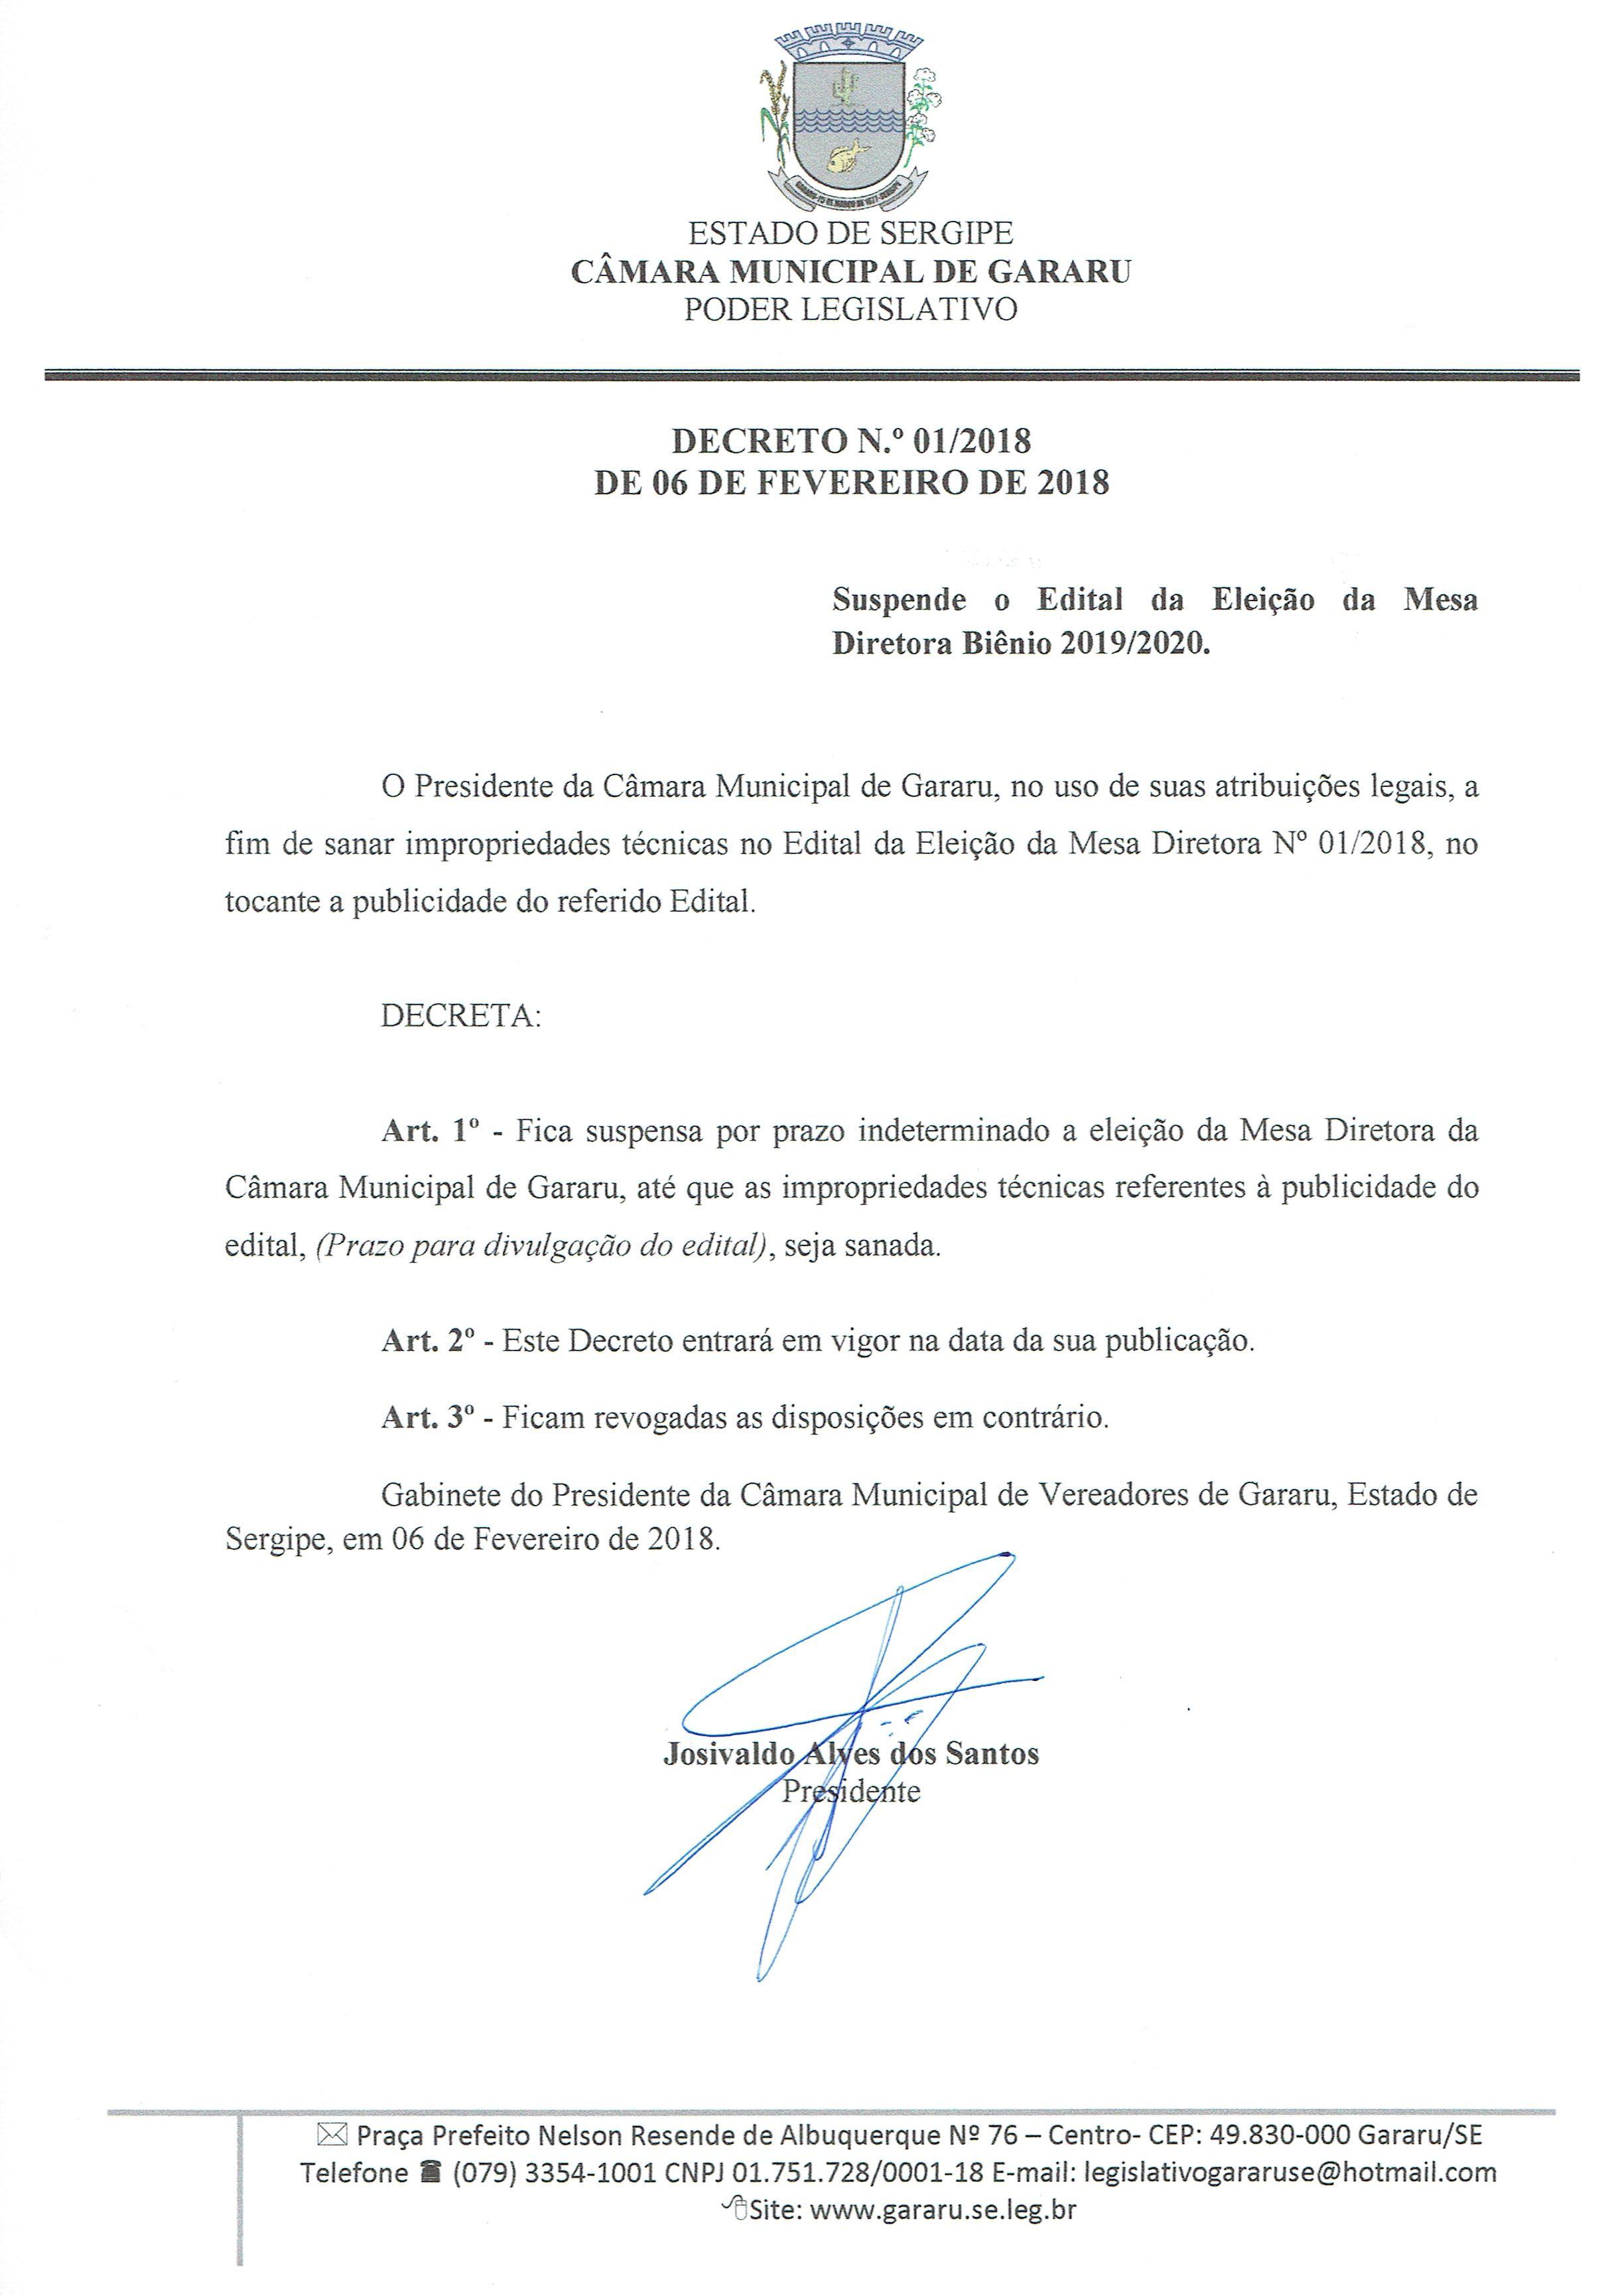 Suspenso Edital da Eleição da Mesa Diretora da Câmara Municipal de Gararu